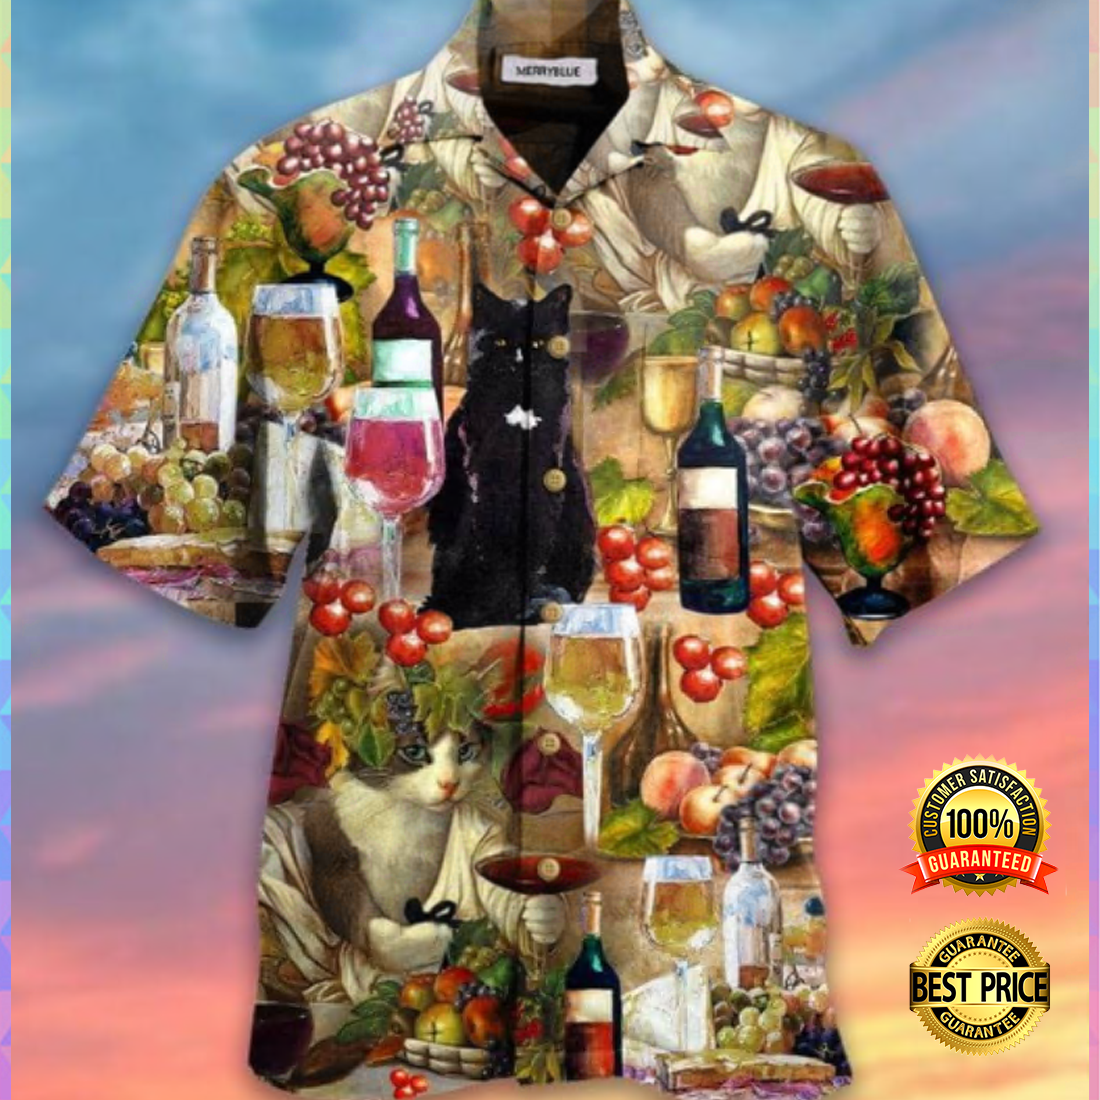 CAT AND WINE HAWAIIAN SHIRT 5